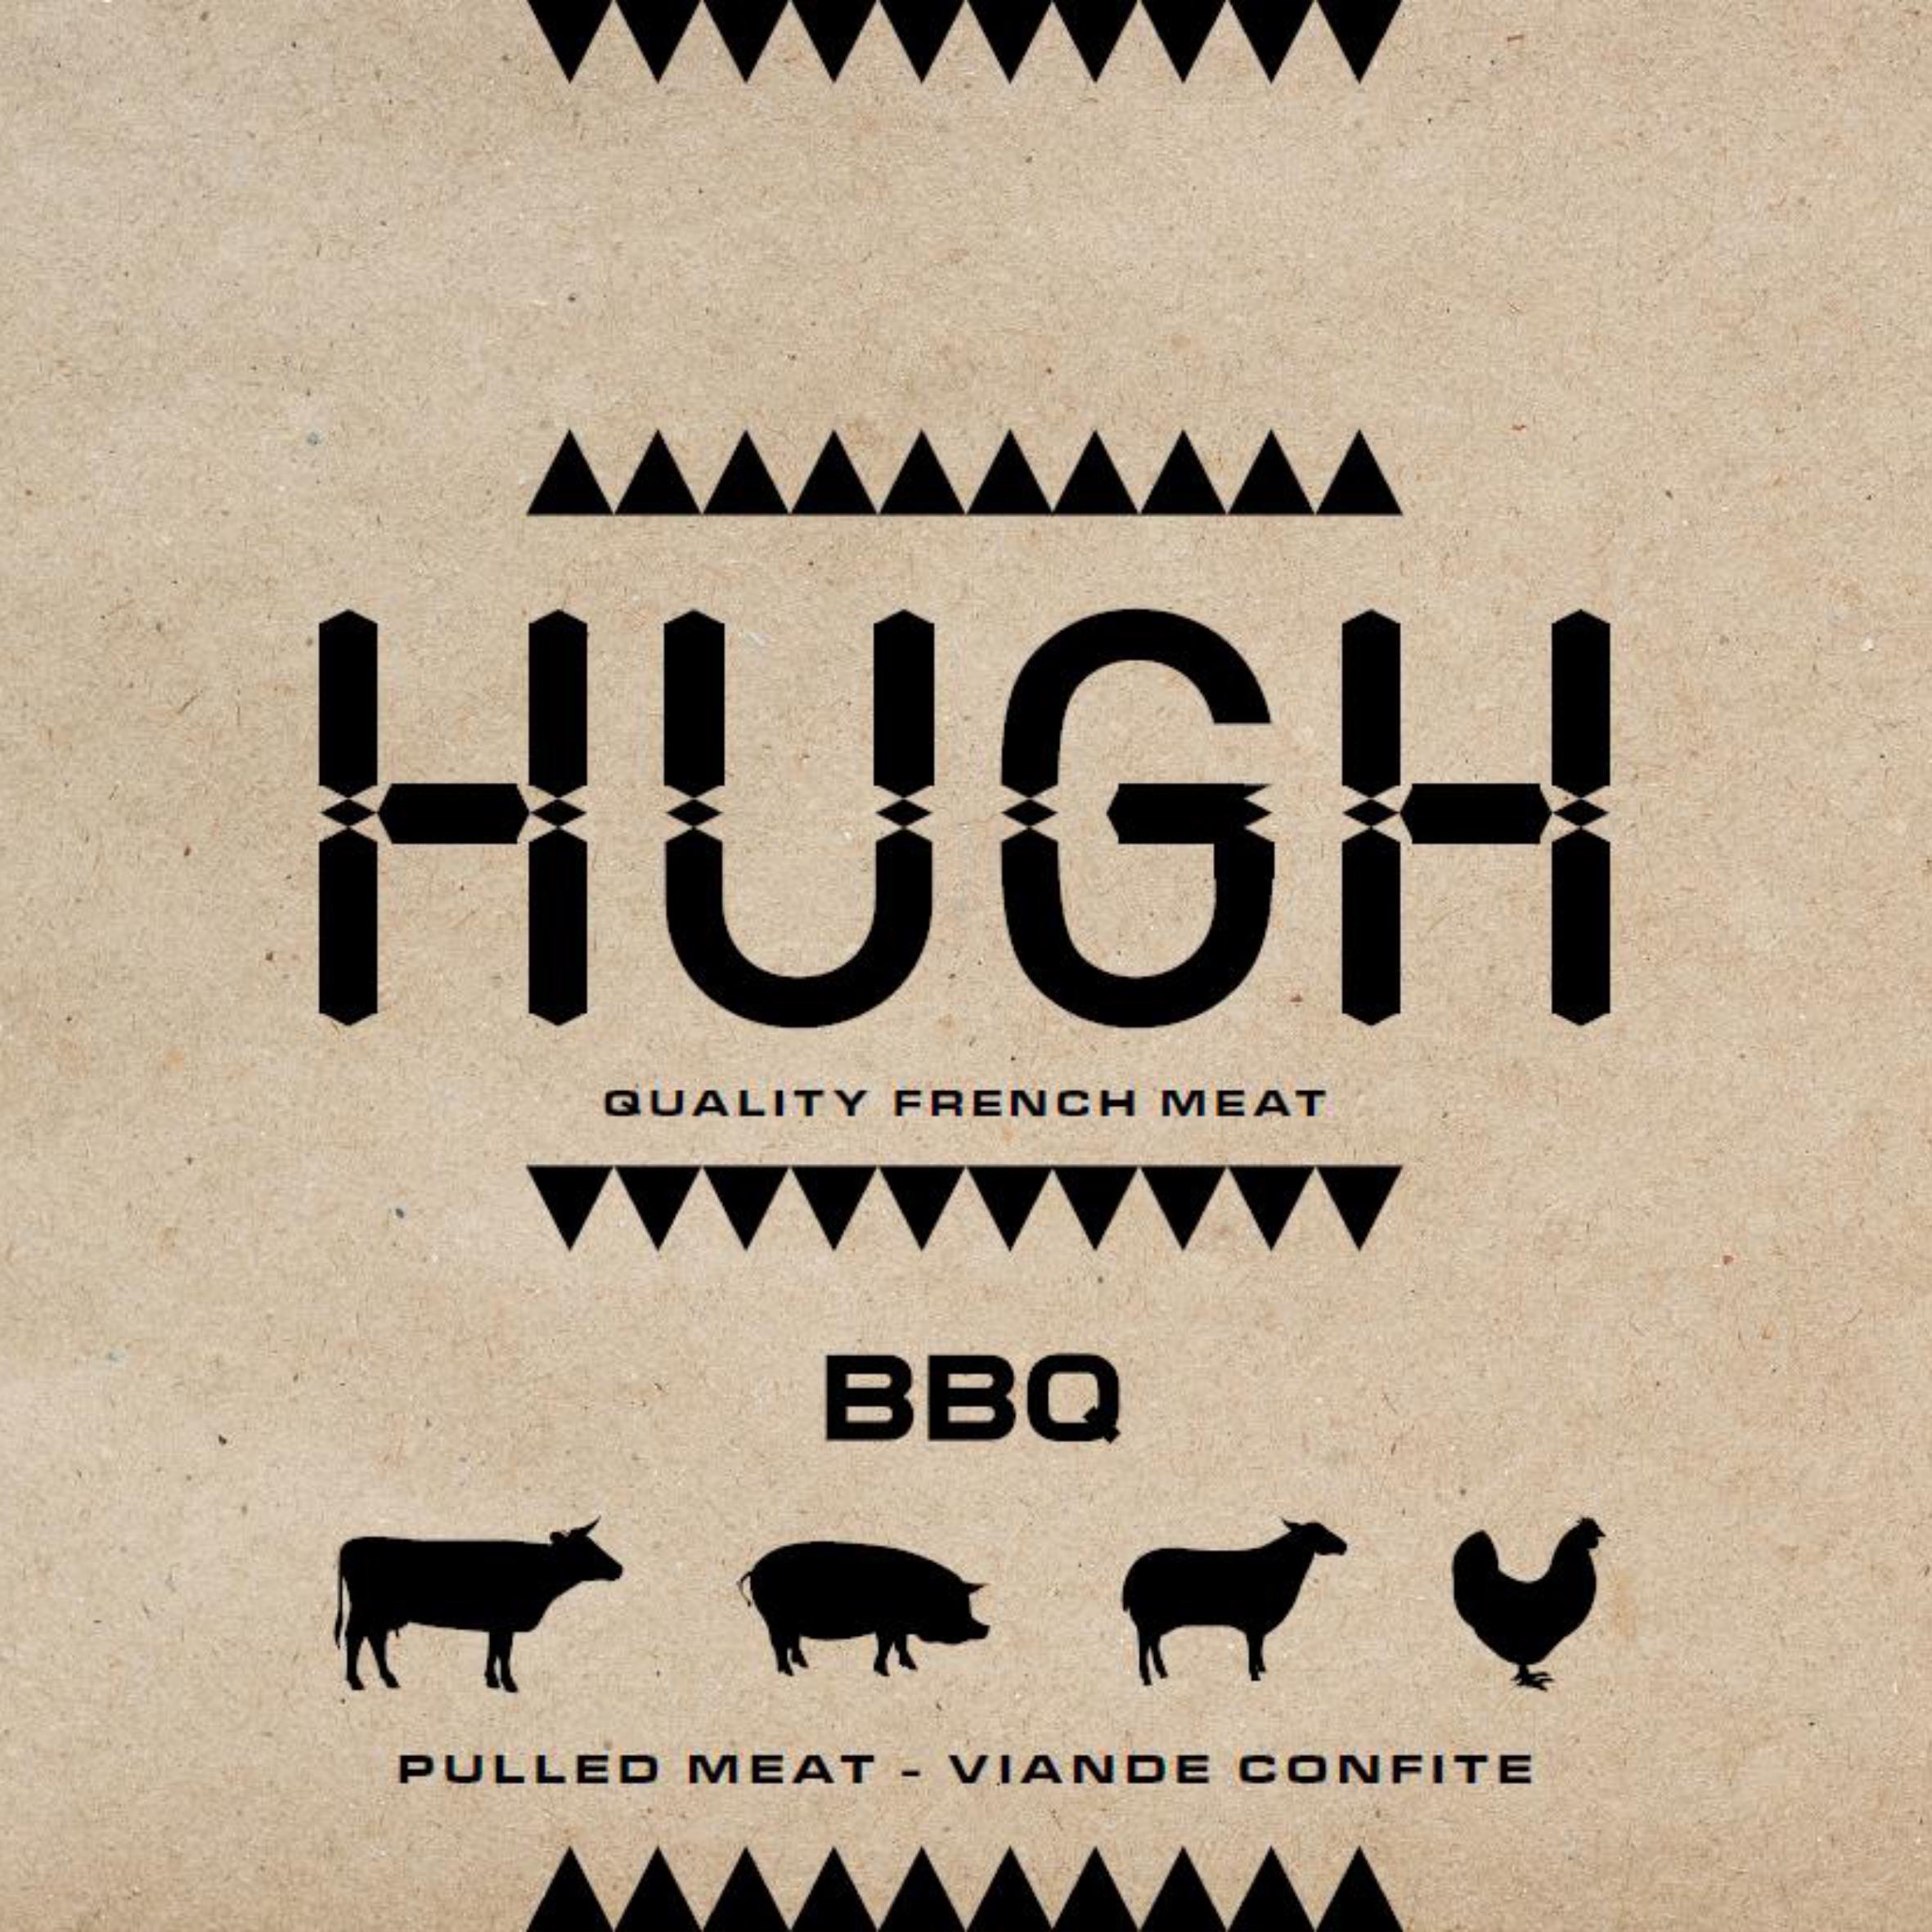 Hugh image de marque